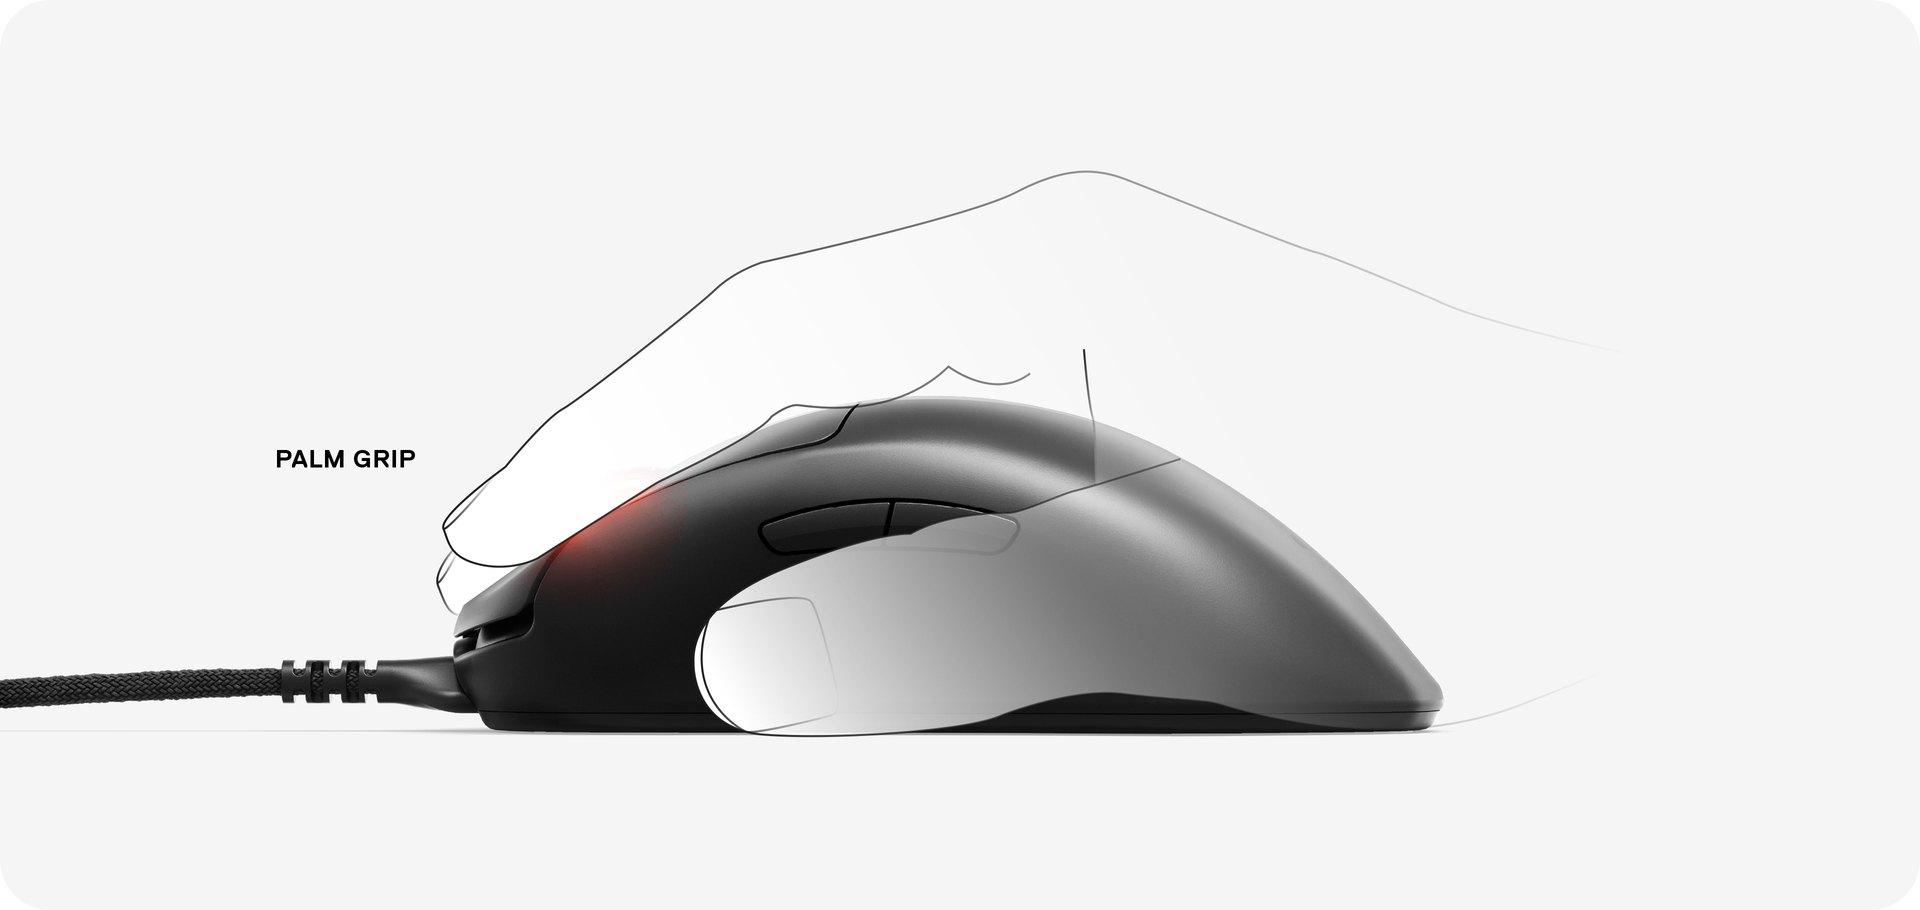 Une main utilisant la souris Prime Plus avec une prise en main de type paume.